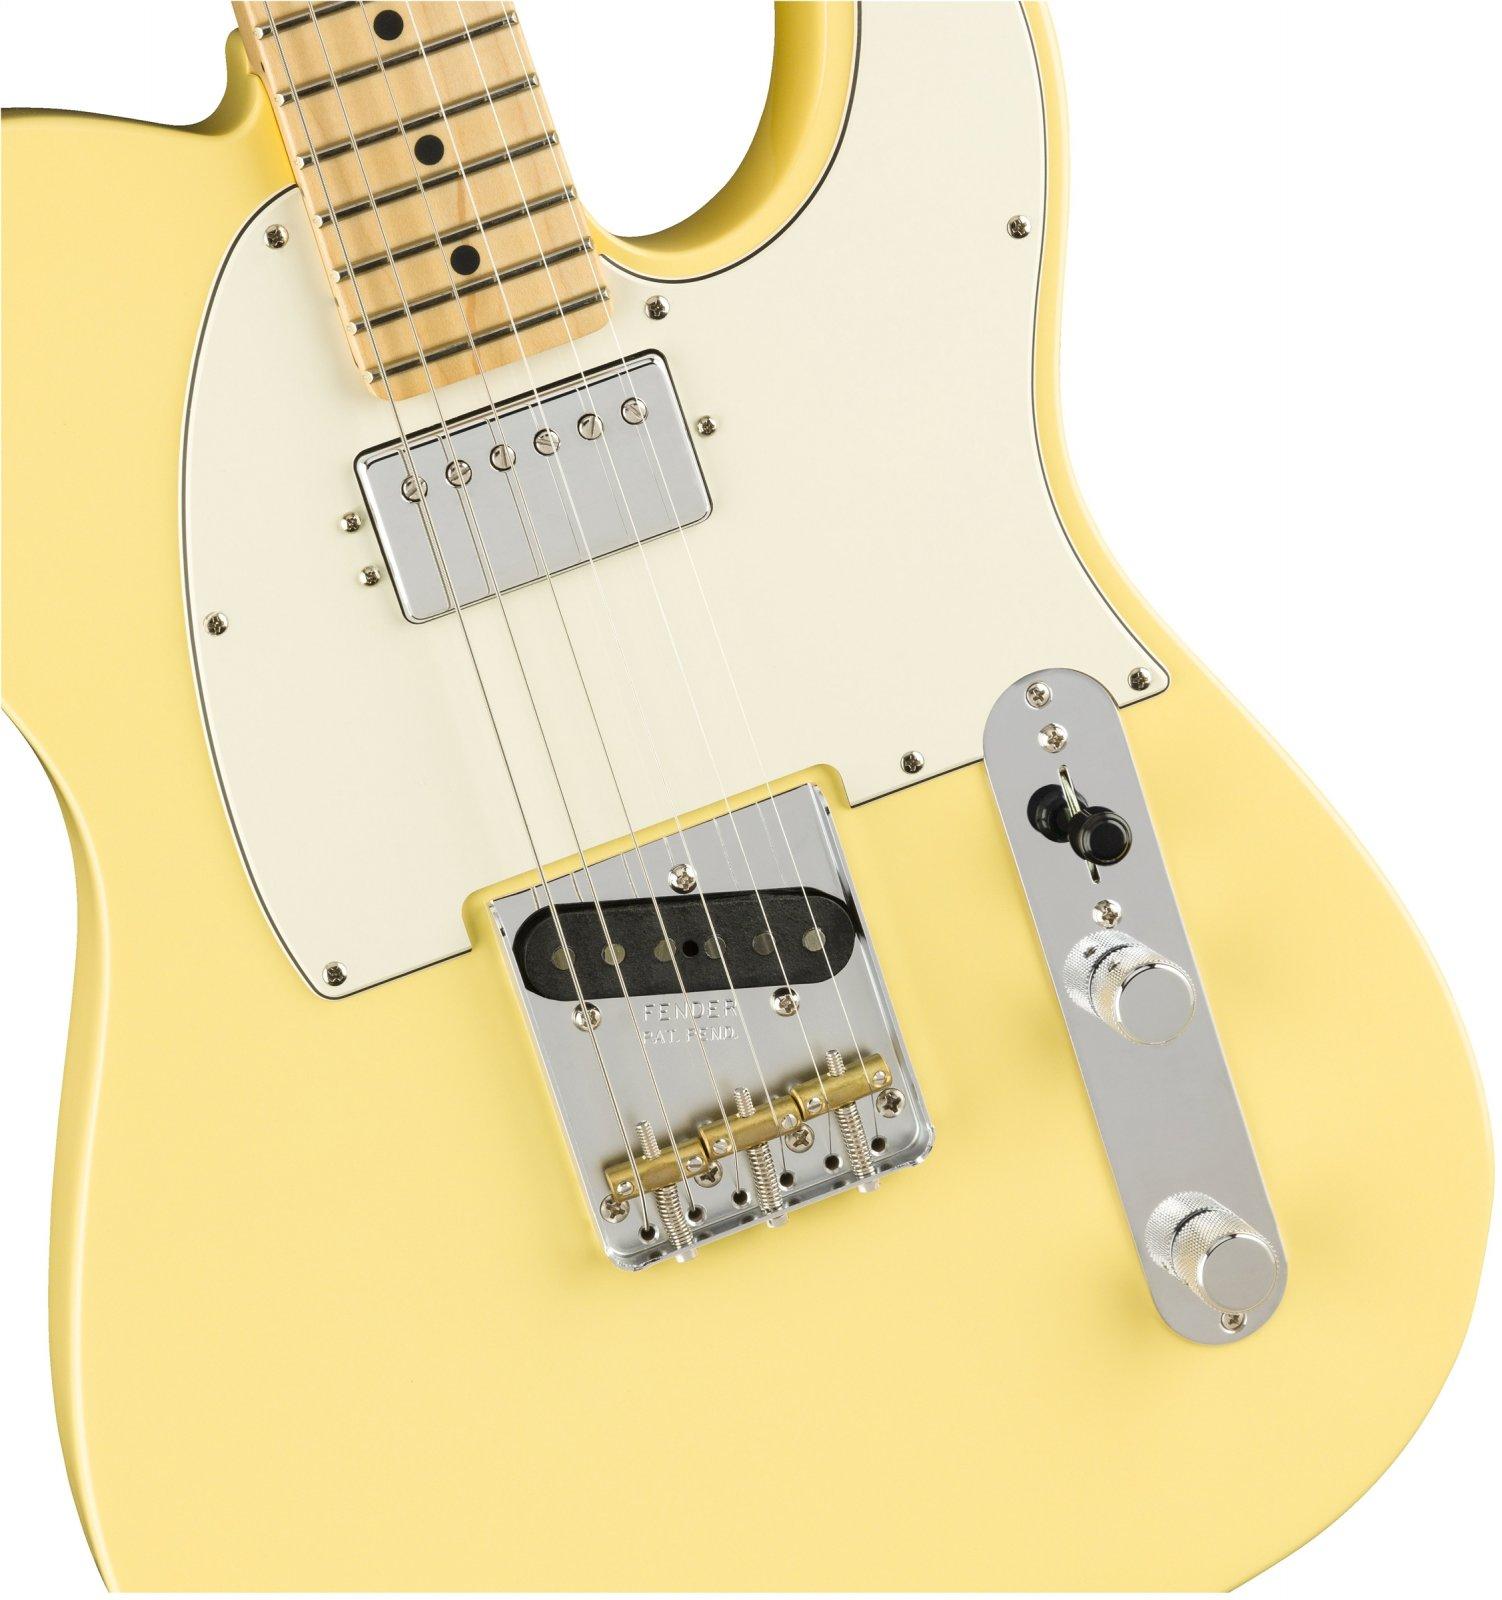 Fender American Performer Telecaster Humbucker - Vintage White